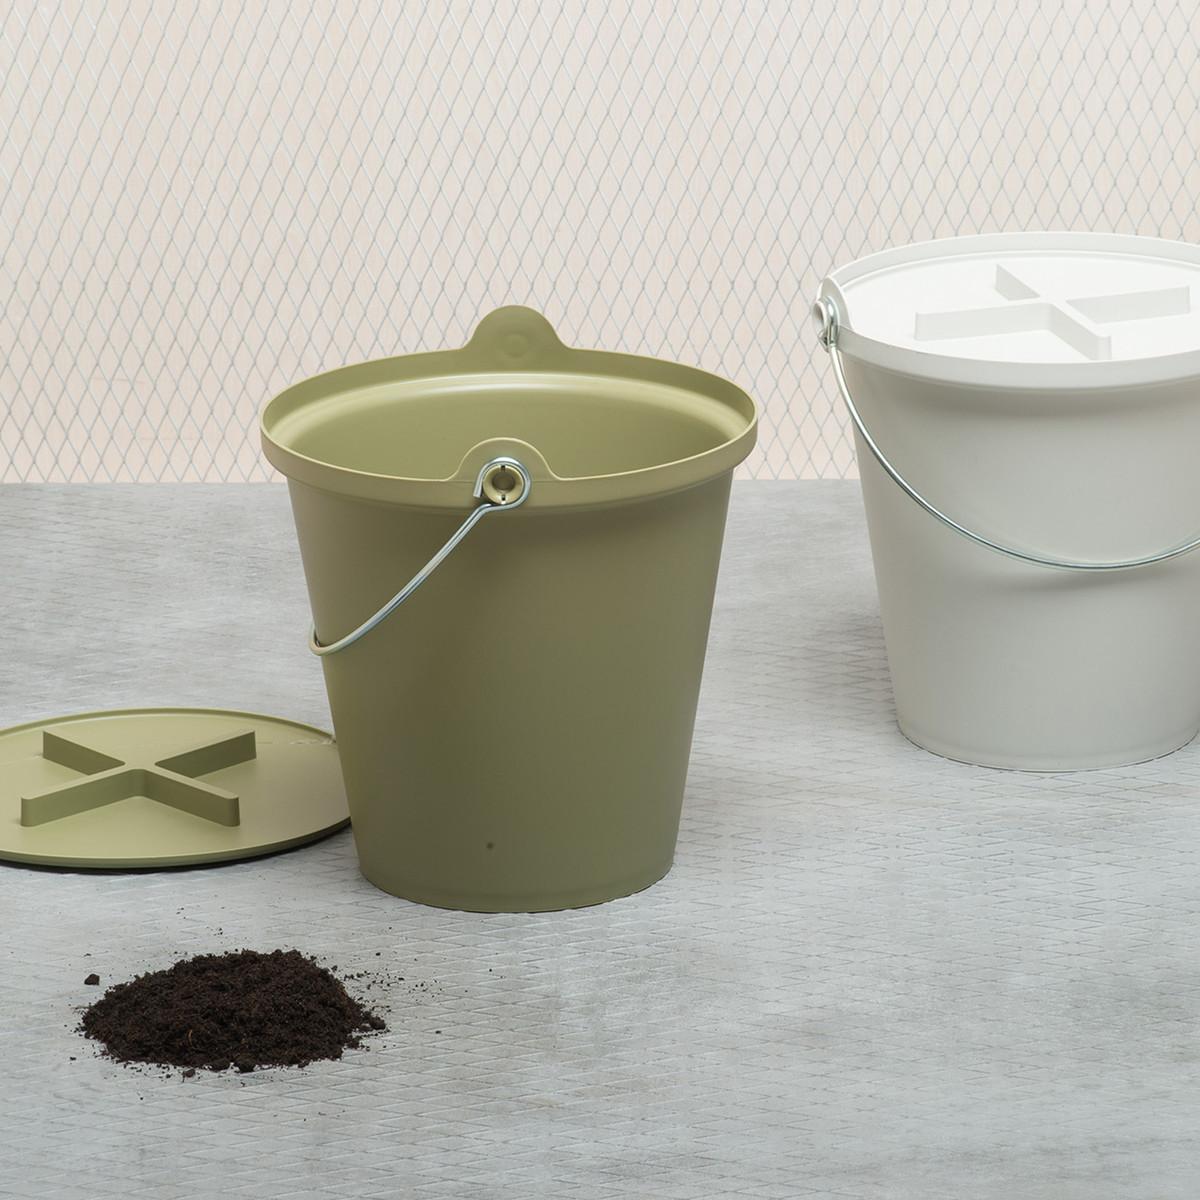 h2o eimer von authentics online kaufen. Black Bedroom Furniture Sets. Home Design Ideas